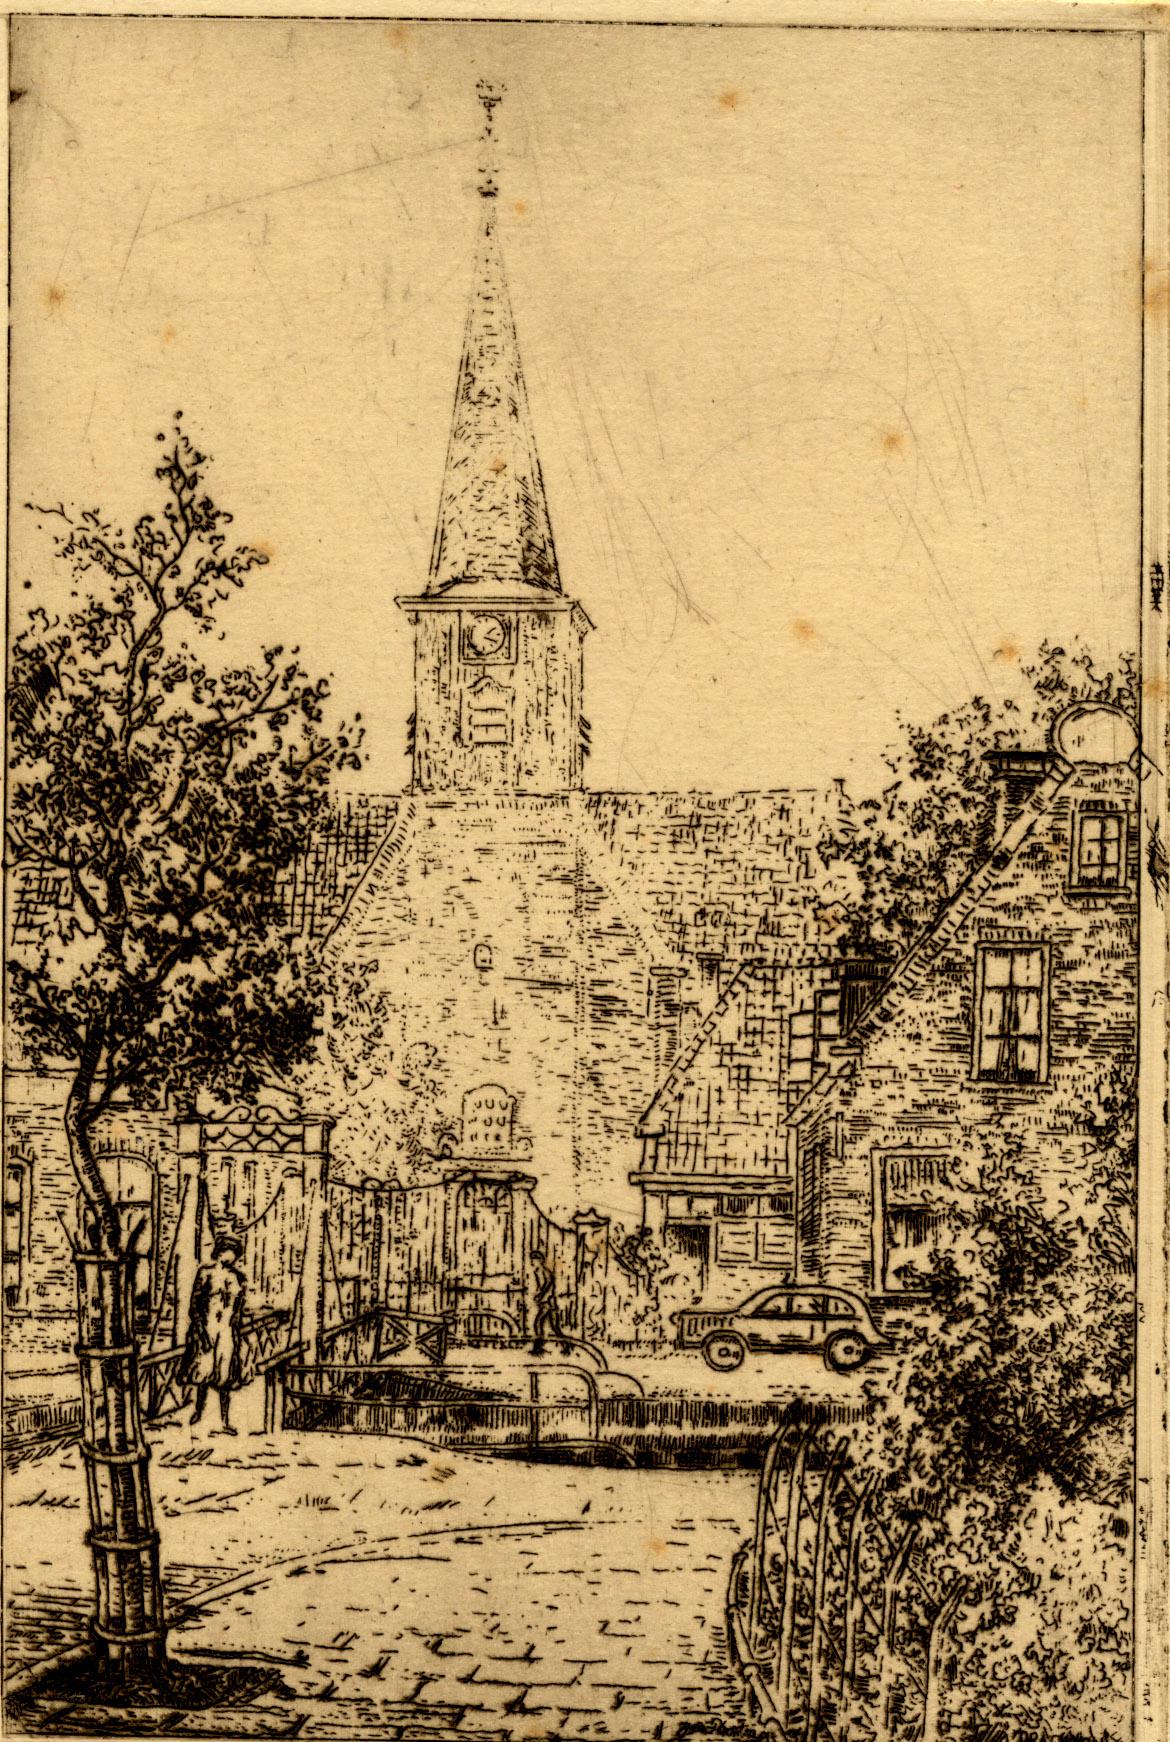 Ets van de Nederlands Hervormde kerk aan de Zuidkade, gezien vanaf de Noordkade